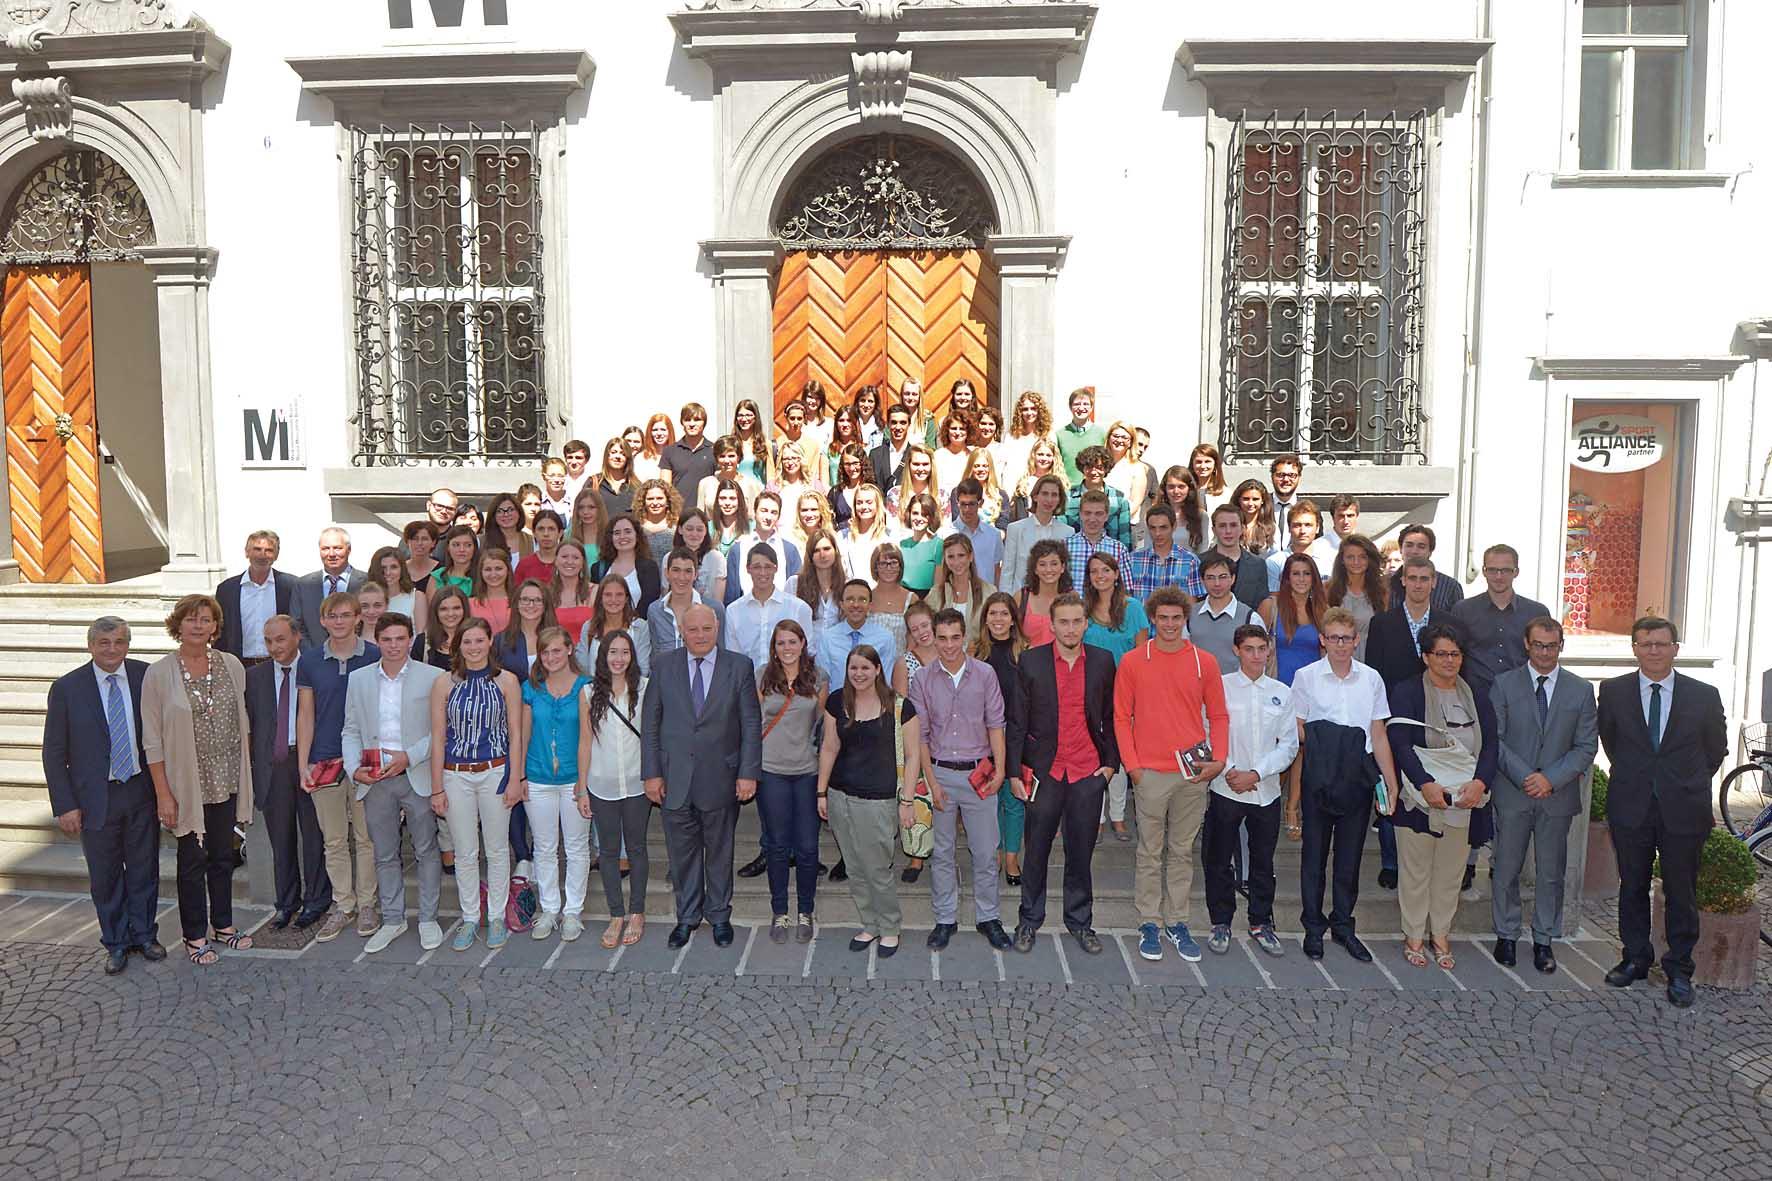 PAB-alunni-premiati-massimo-voti-maturità-2013-ilnordest